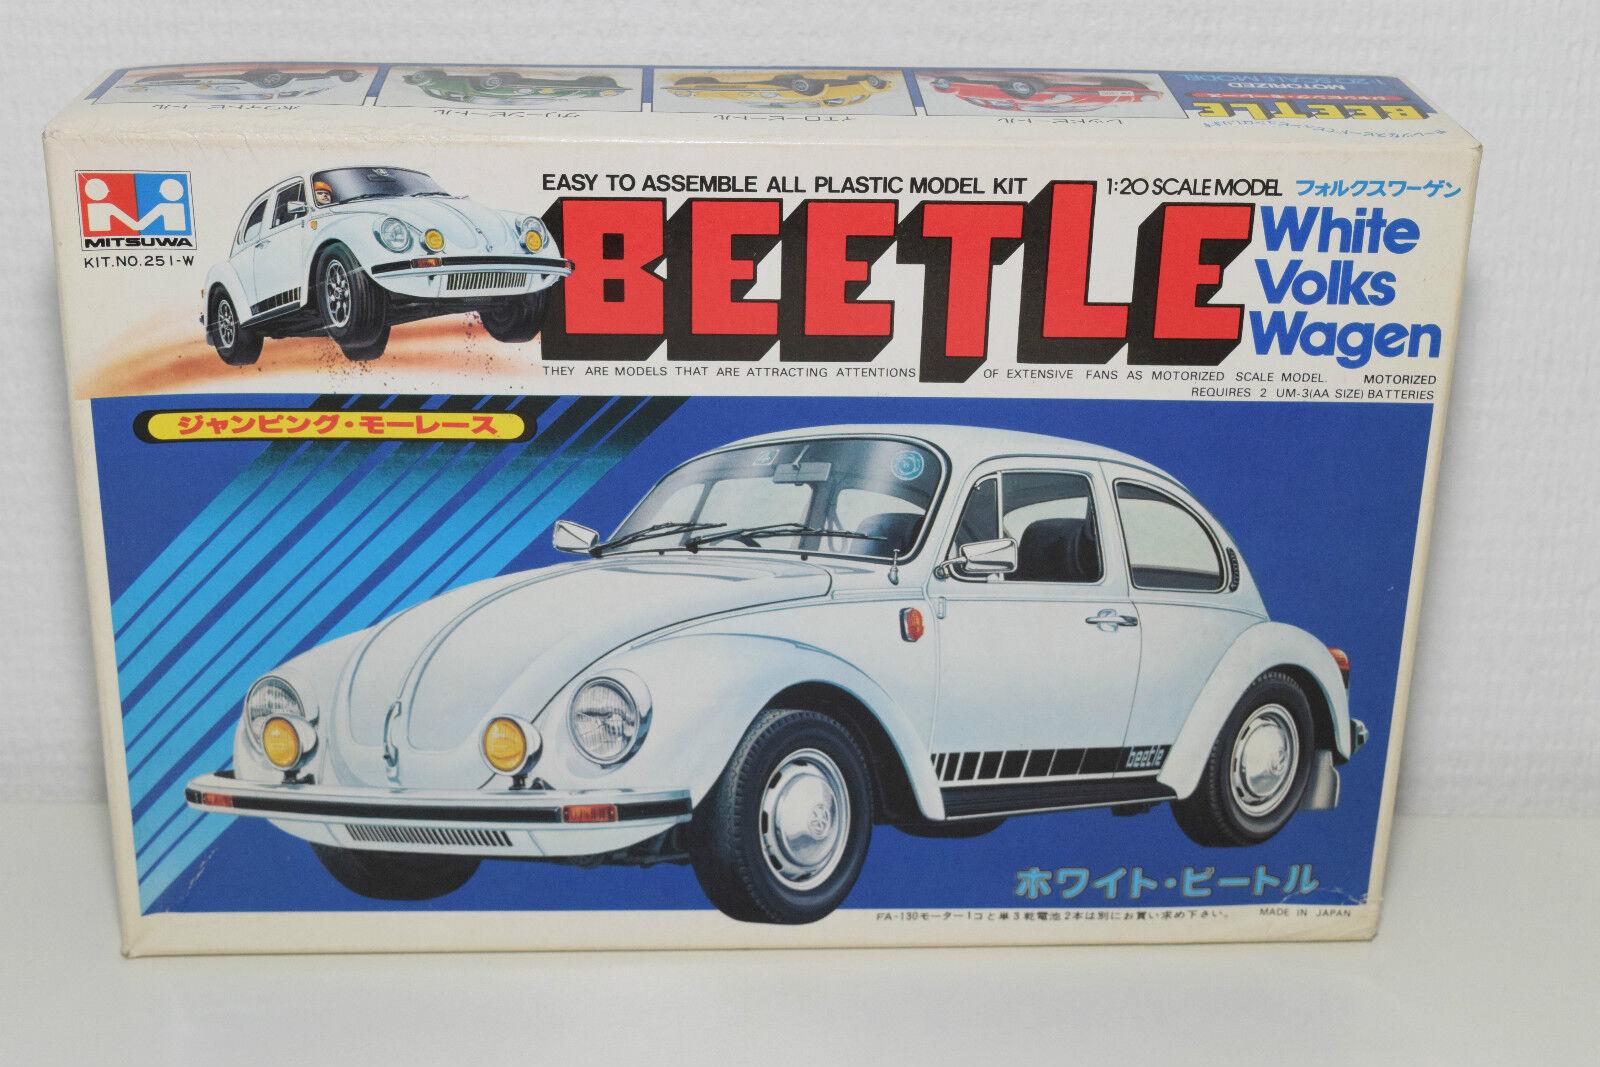 MITSUWA JAPAN KIT MW-500 251-W VW VOLKSWAGEN BEETLE KAFER Weiß MINT BOXED